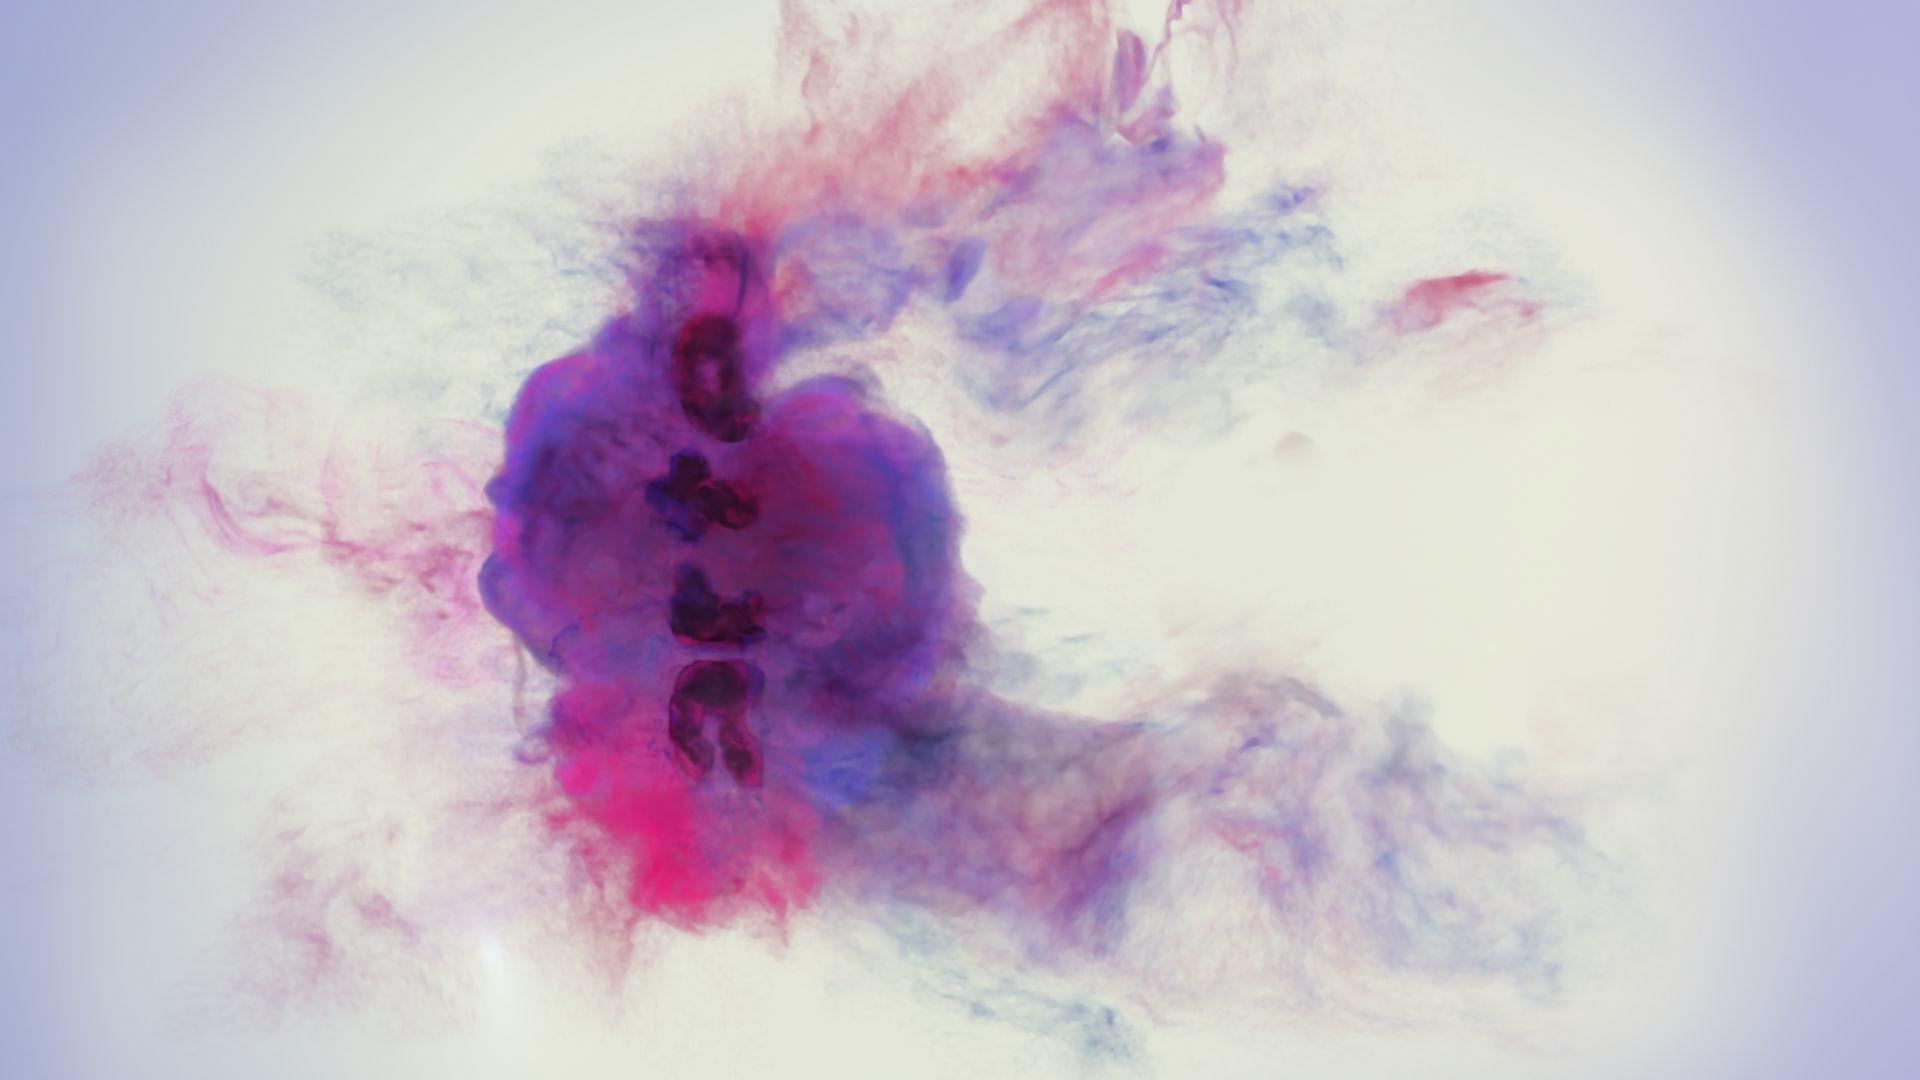 Die Filme im Dezember, die Sie unbedingt sehen sollten